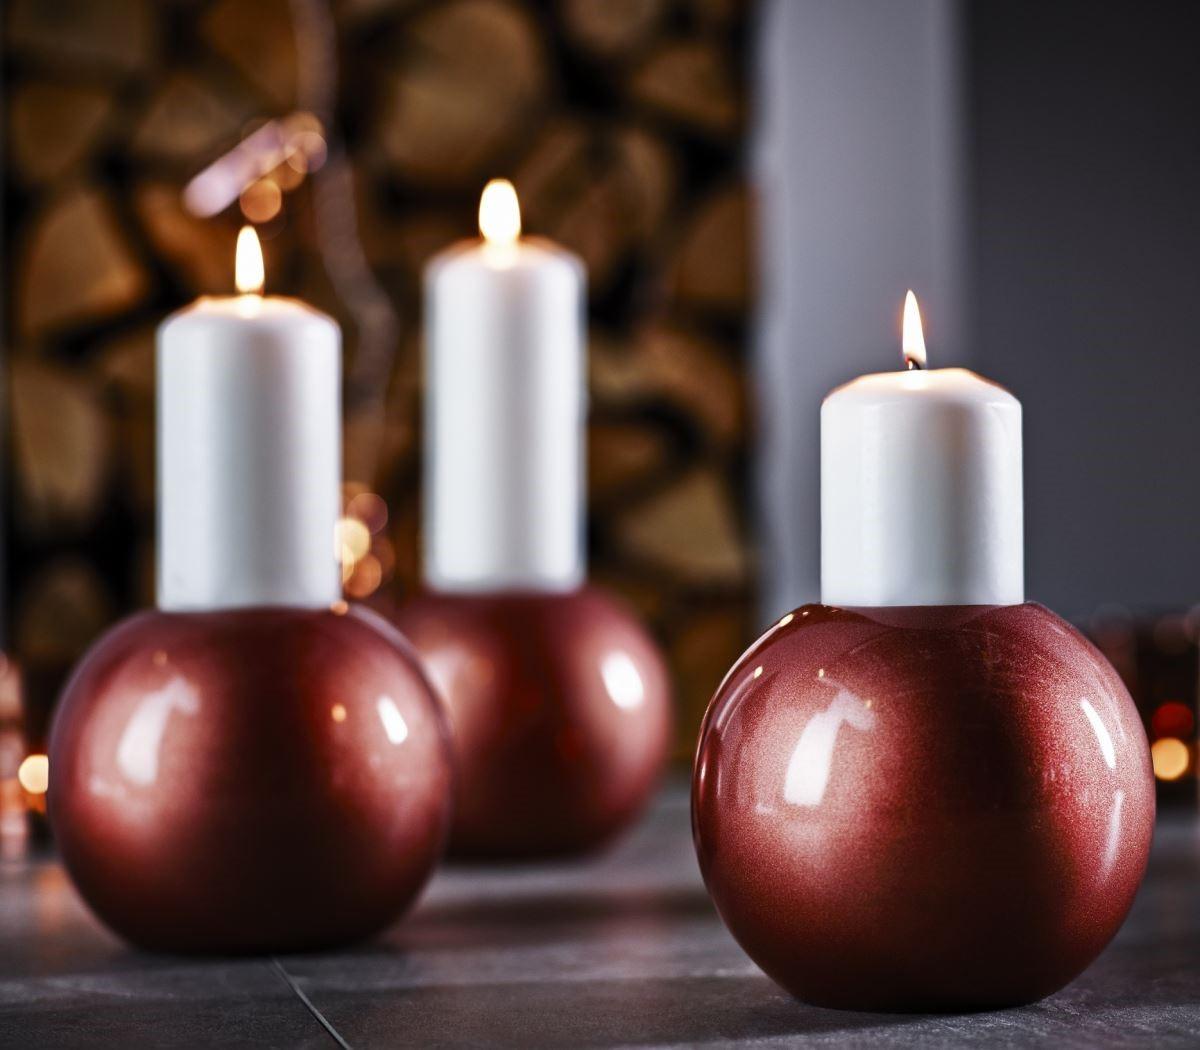 雪球狀的燭台充滿特色,點上香氛蠟燭,讓溫暖燭光點亮與親朋好友相聚的歡樂時光。